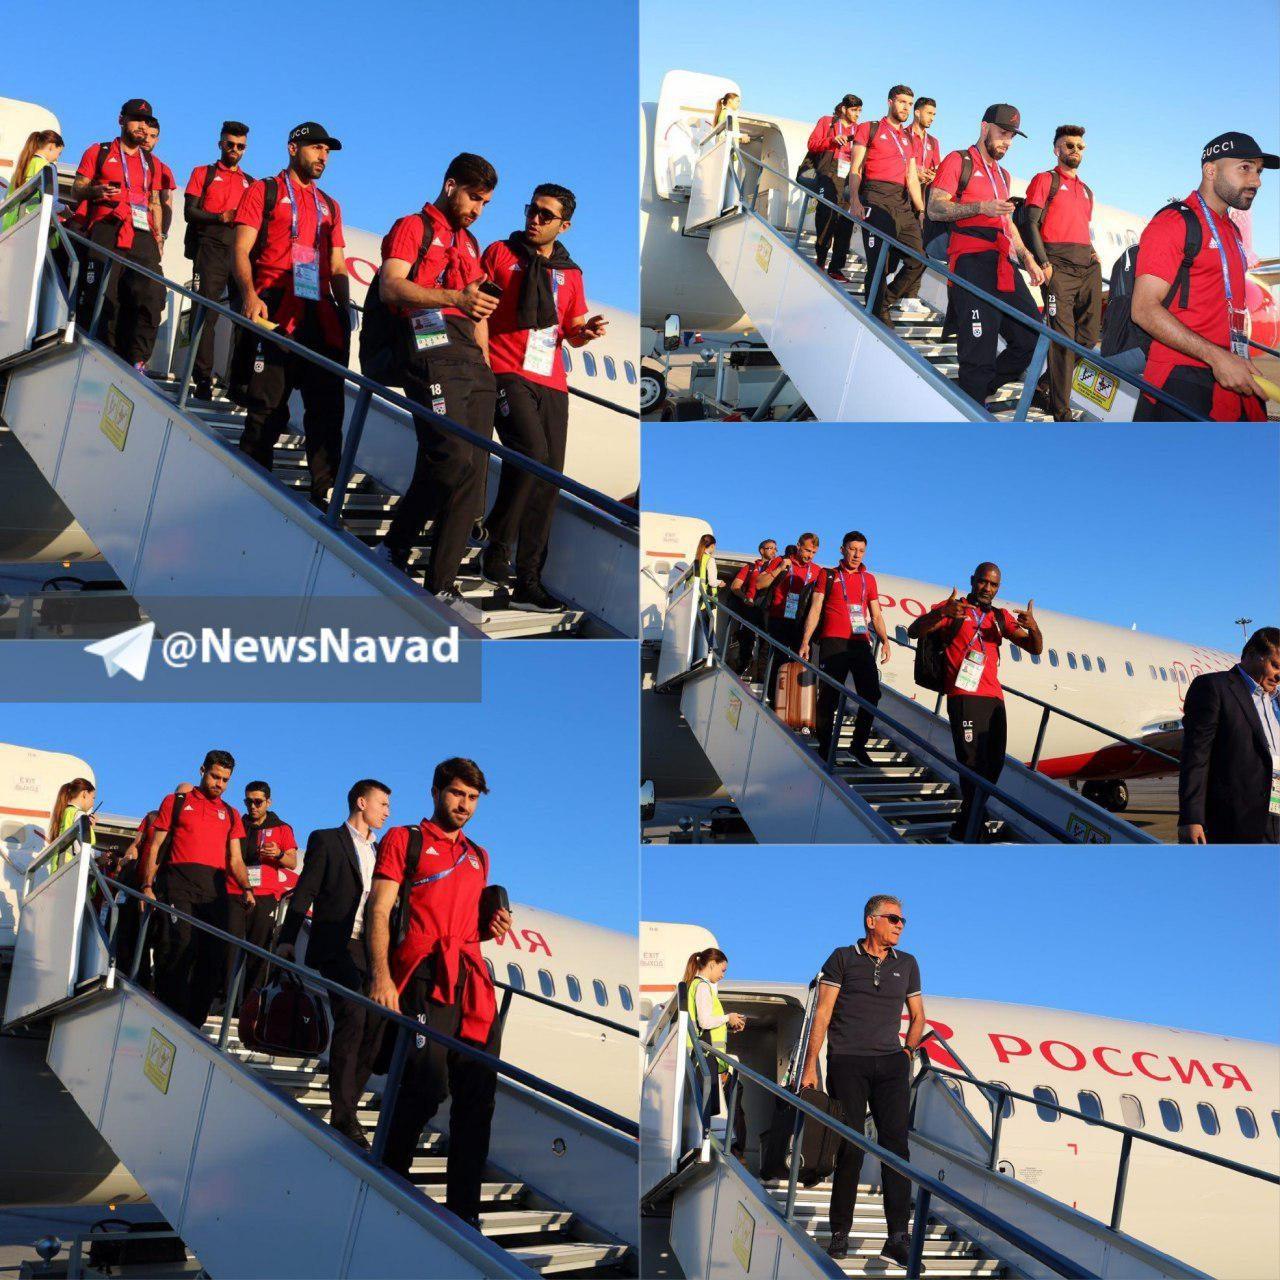 ورود بازیکنان تیم ملی کشورمان به شهر «کازان»